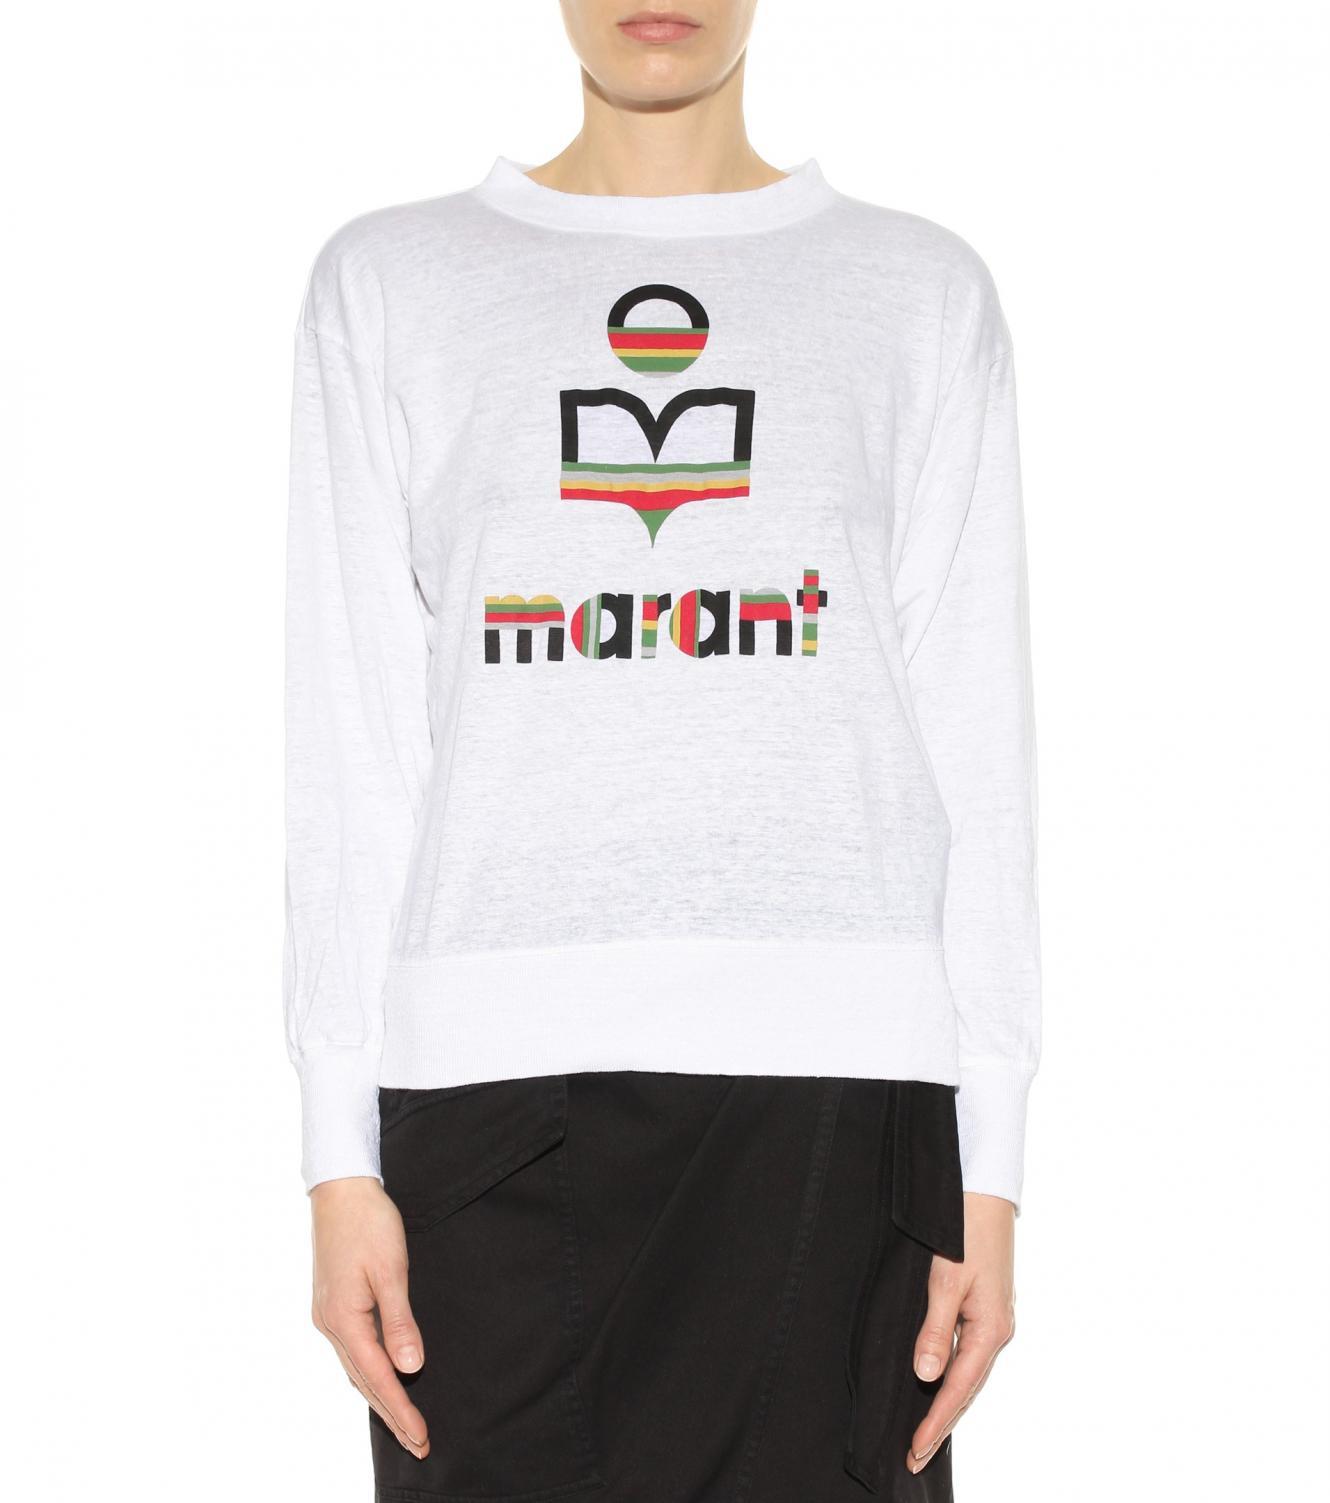 Top 5 Summer sweatshirts